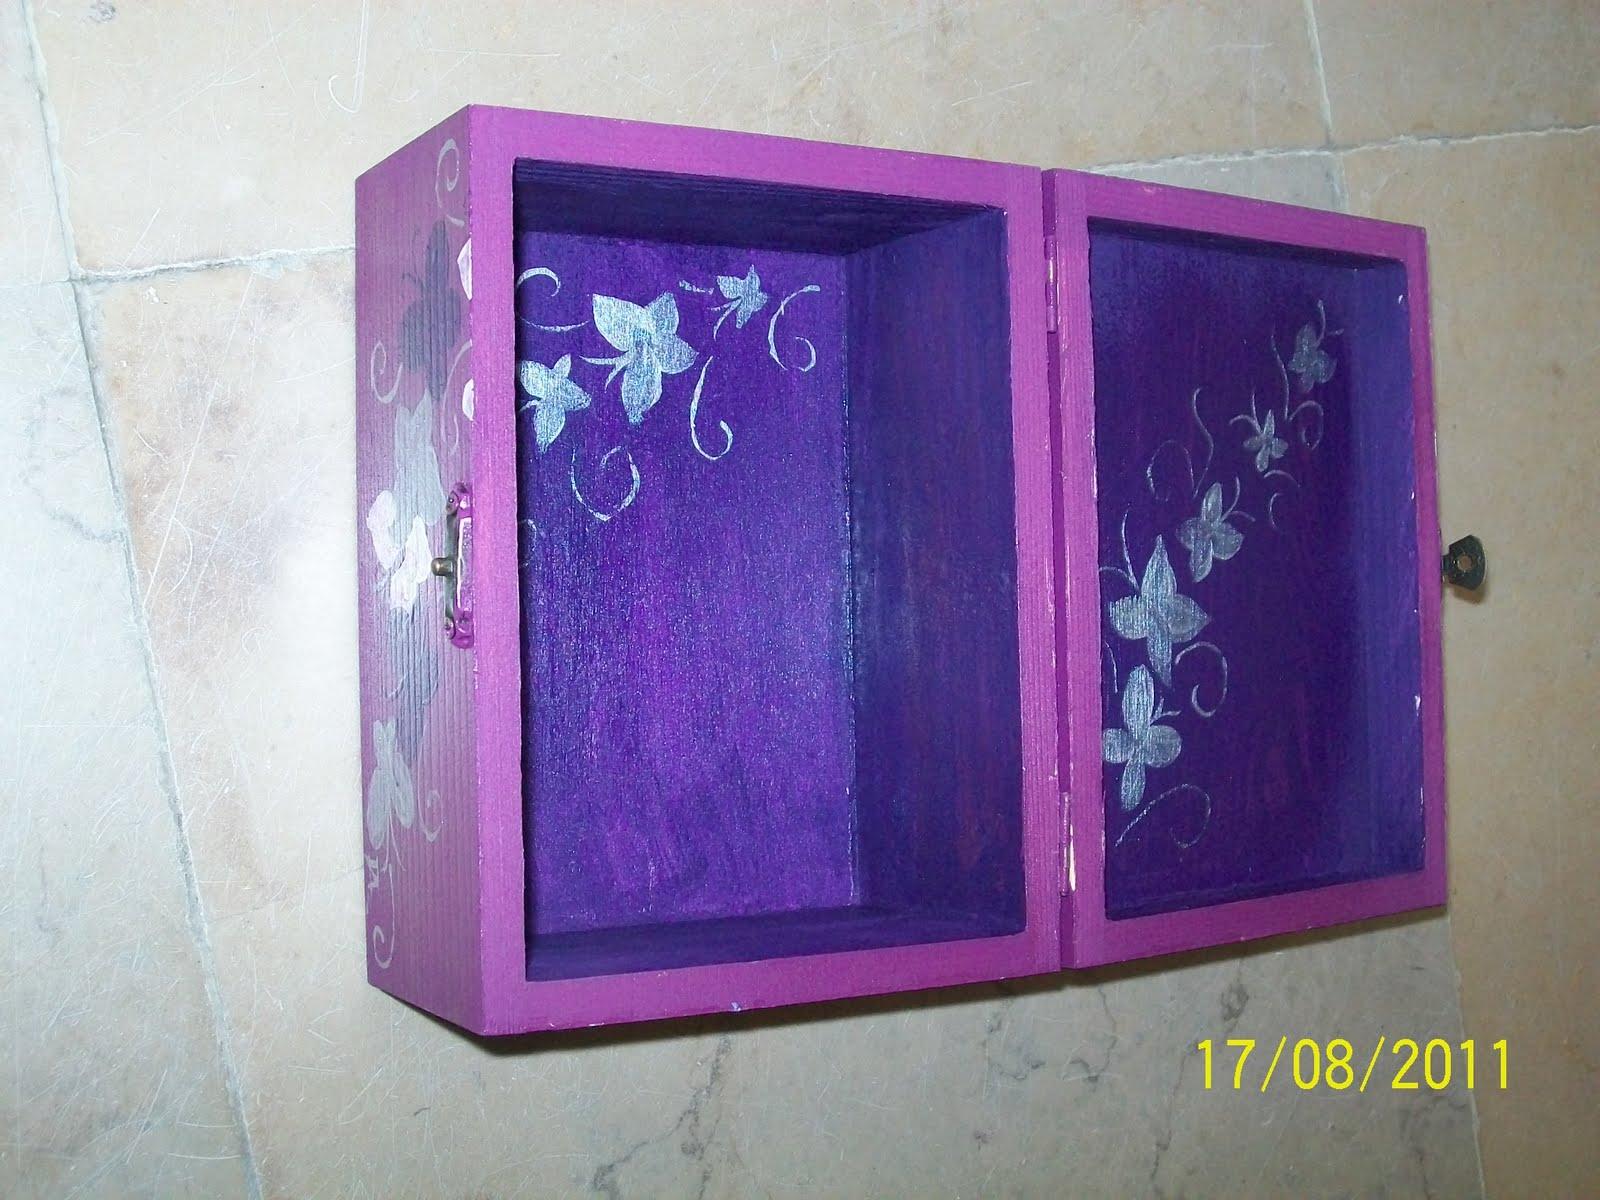 Brincar com as mãos: caixa de madeira pintada à mão #3B2877 1600x1200